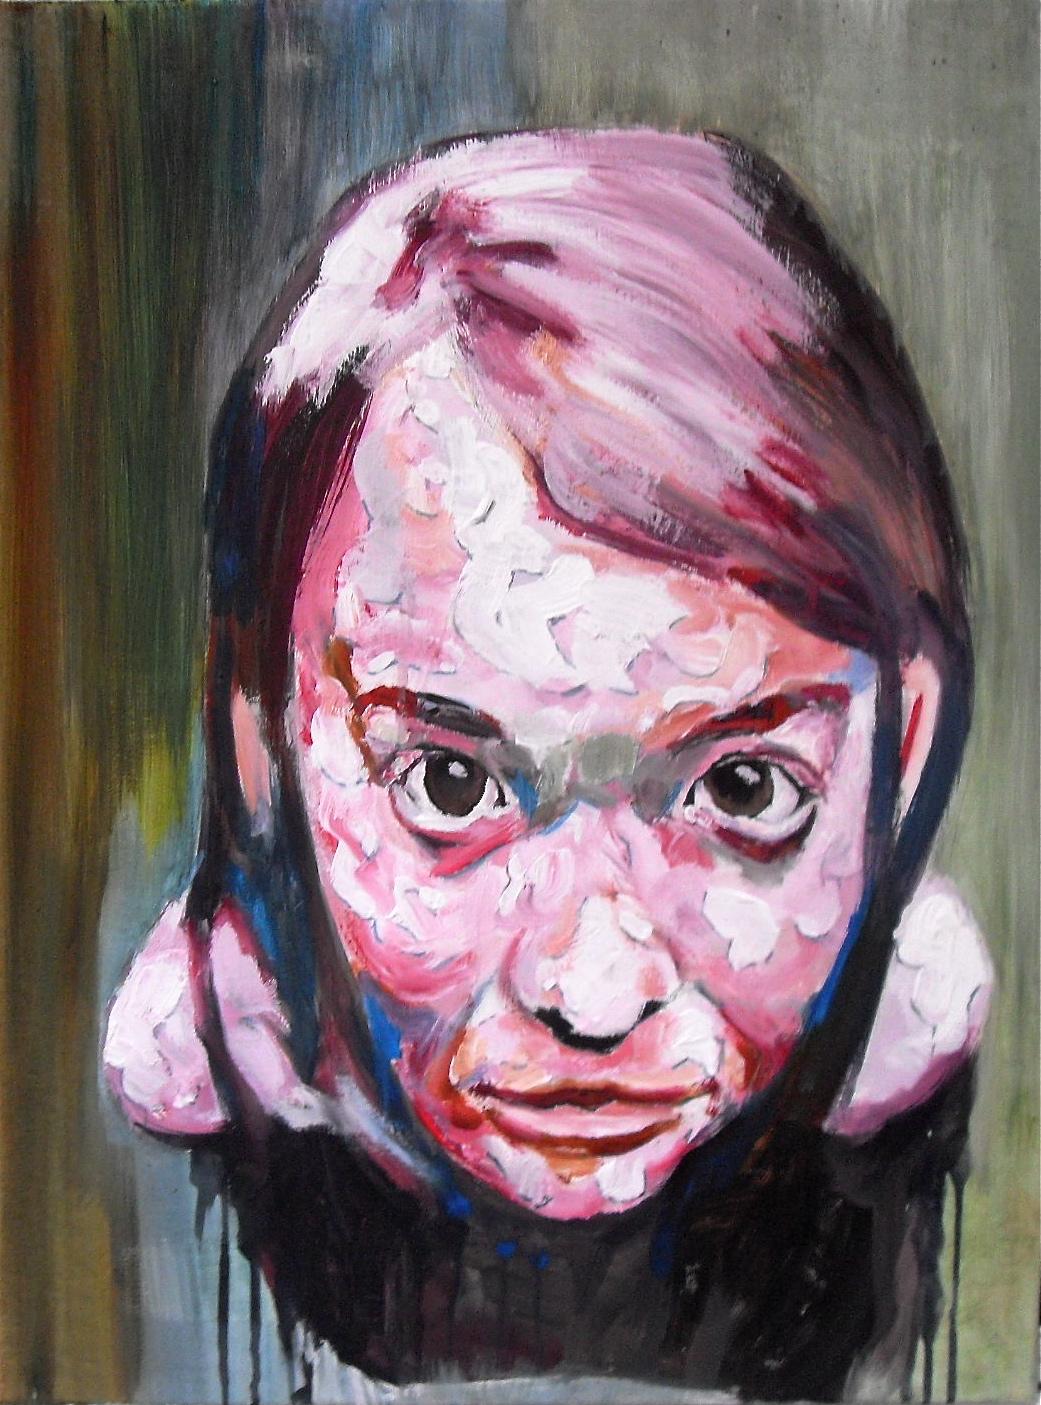 Portrait sans titre d'une jeune fille / Untitled portrait of a girl. Huile sur toile / Oil on canvas. 80 cm x 60 cm